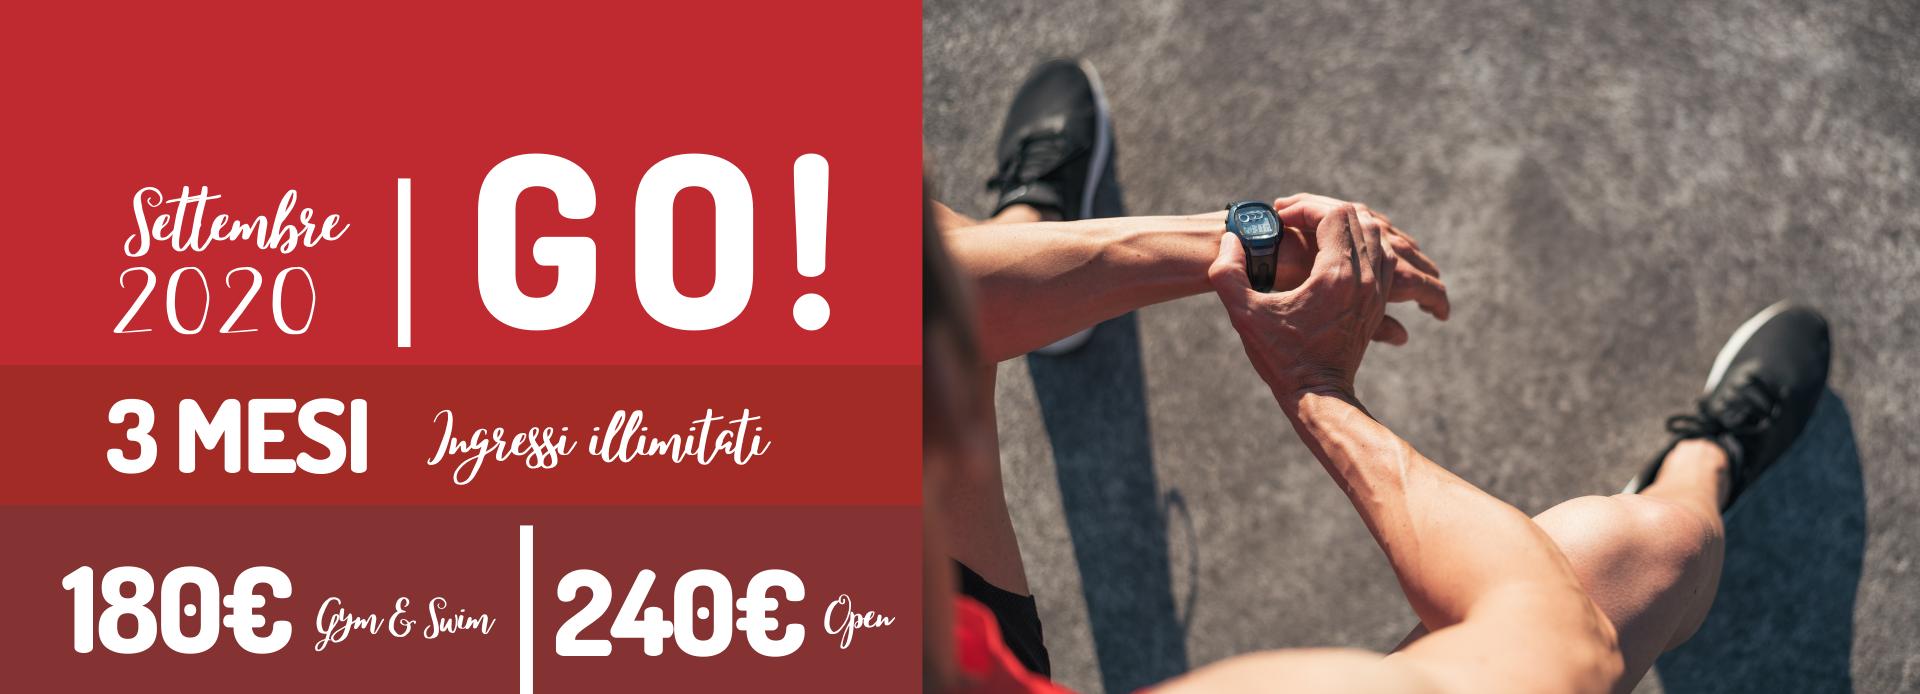 Slide-Promo-settembre-2020-REV-180€-1-1